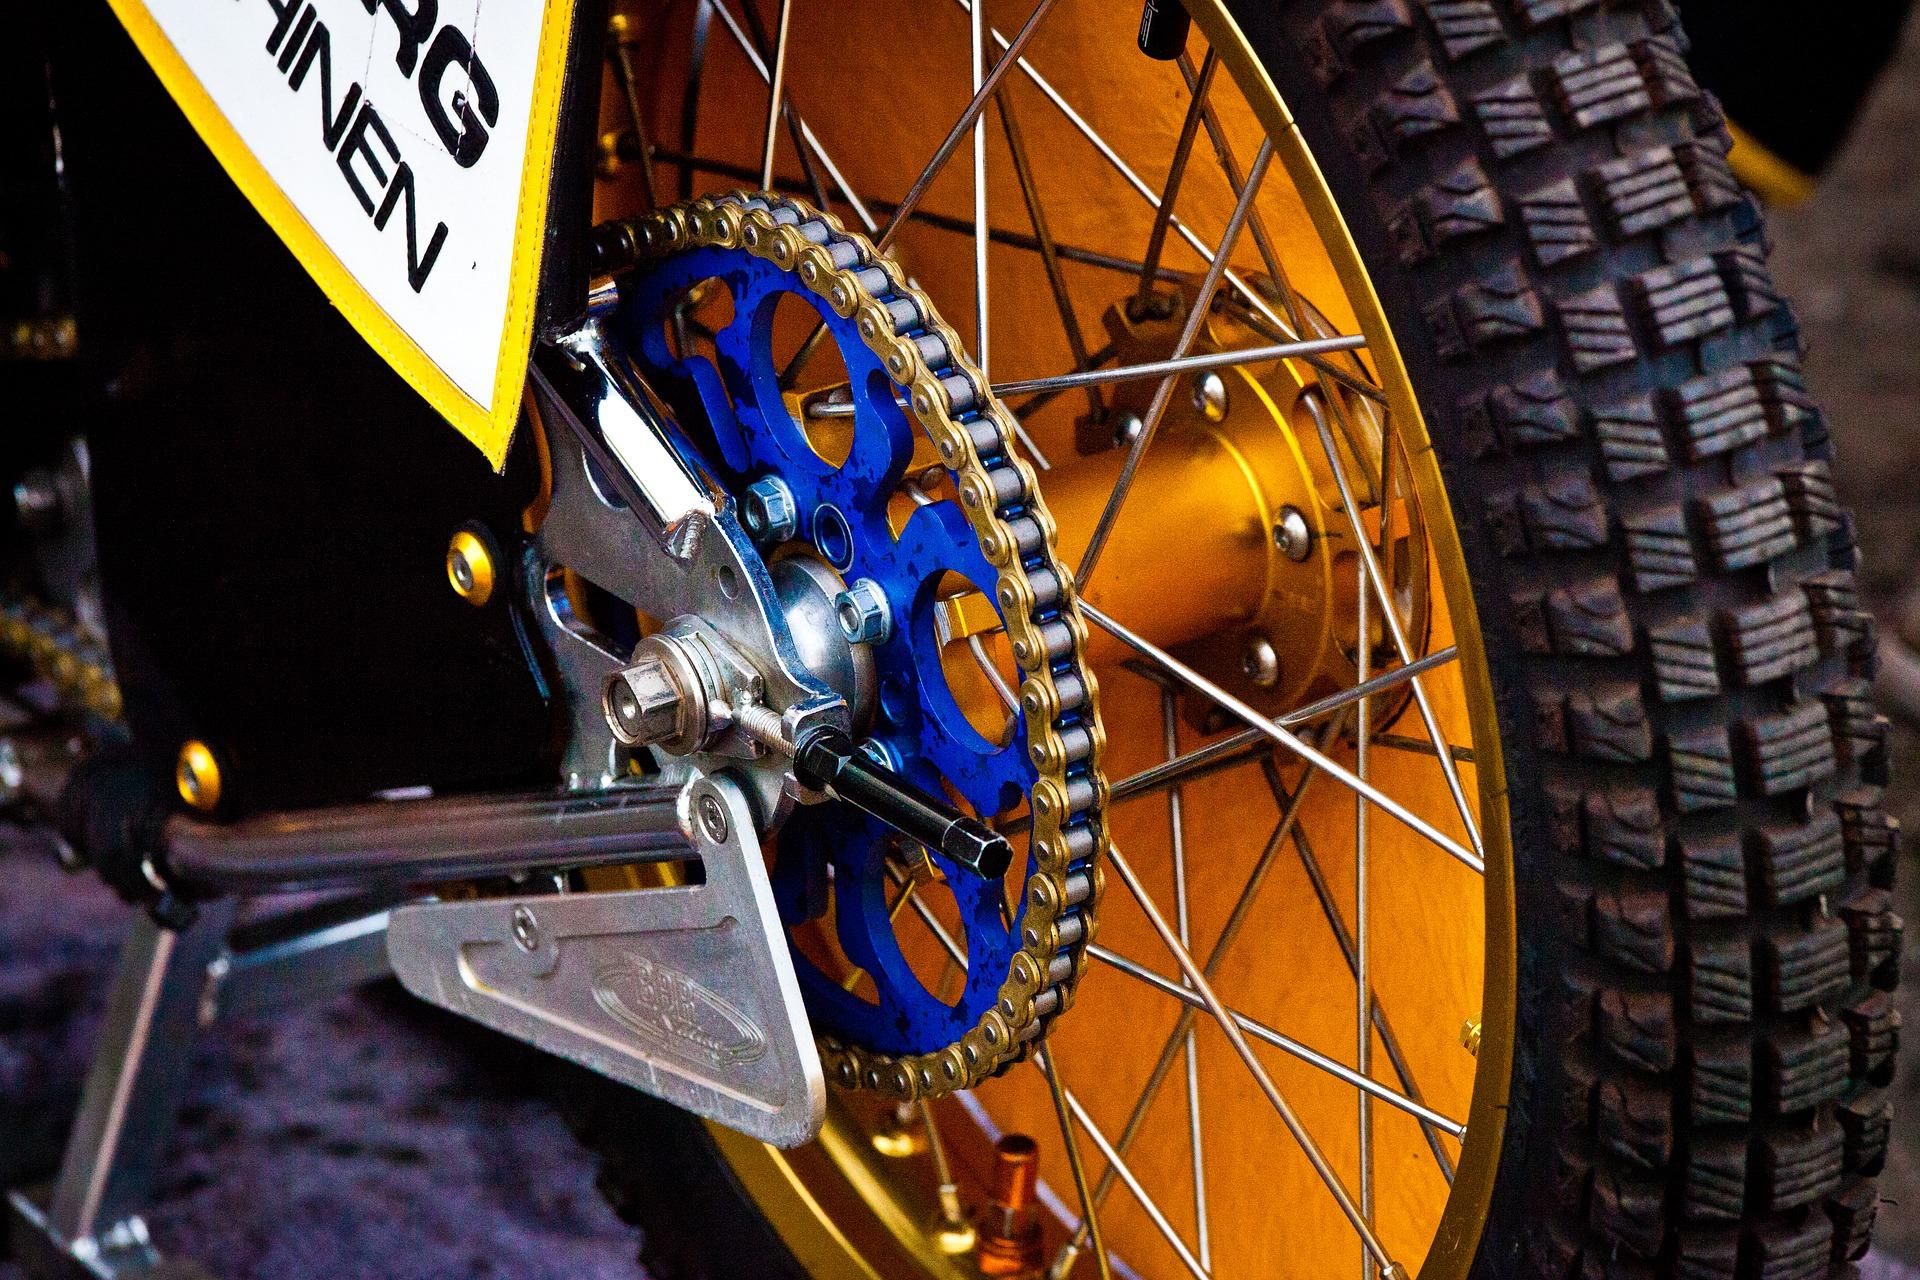 żużel opona motocykl - Pixabay